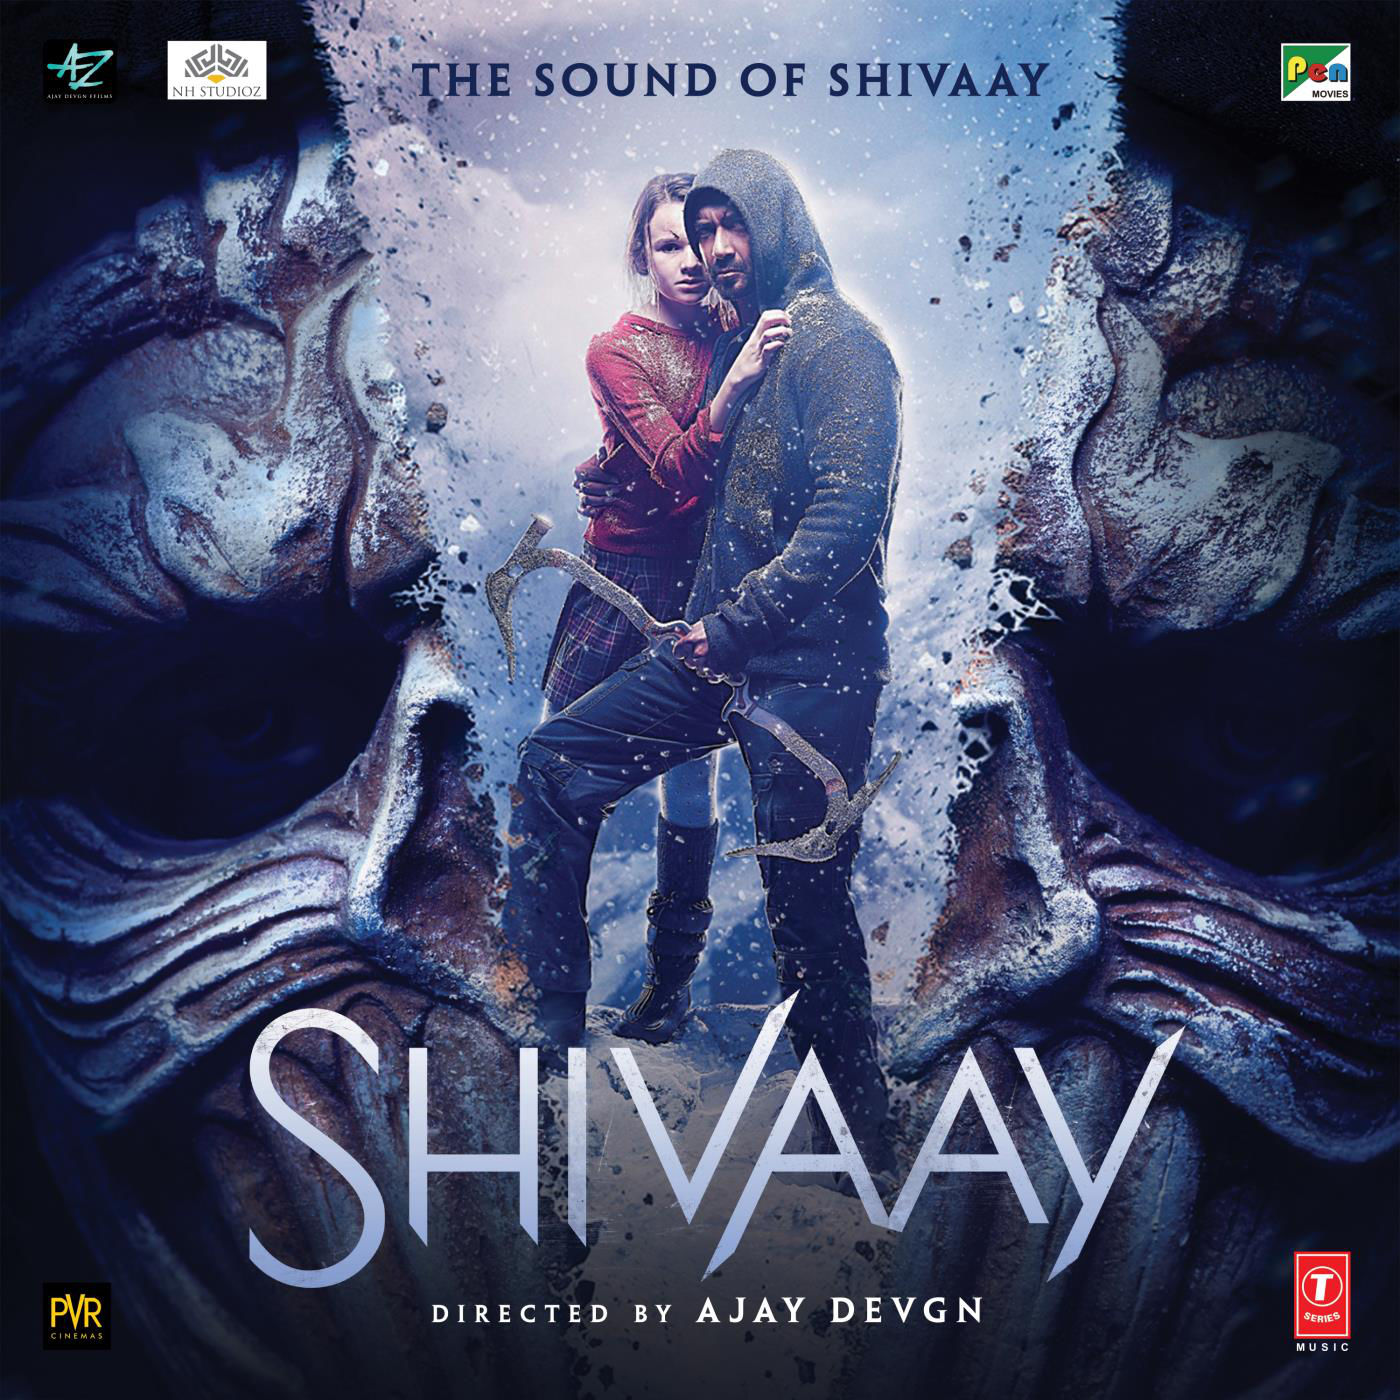 Shivaay%2B2016%2BOriginal%2BCD%2BFront%2BCover%2BPoster%2Bwallpaper